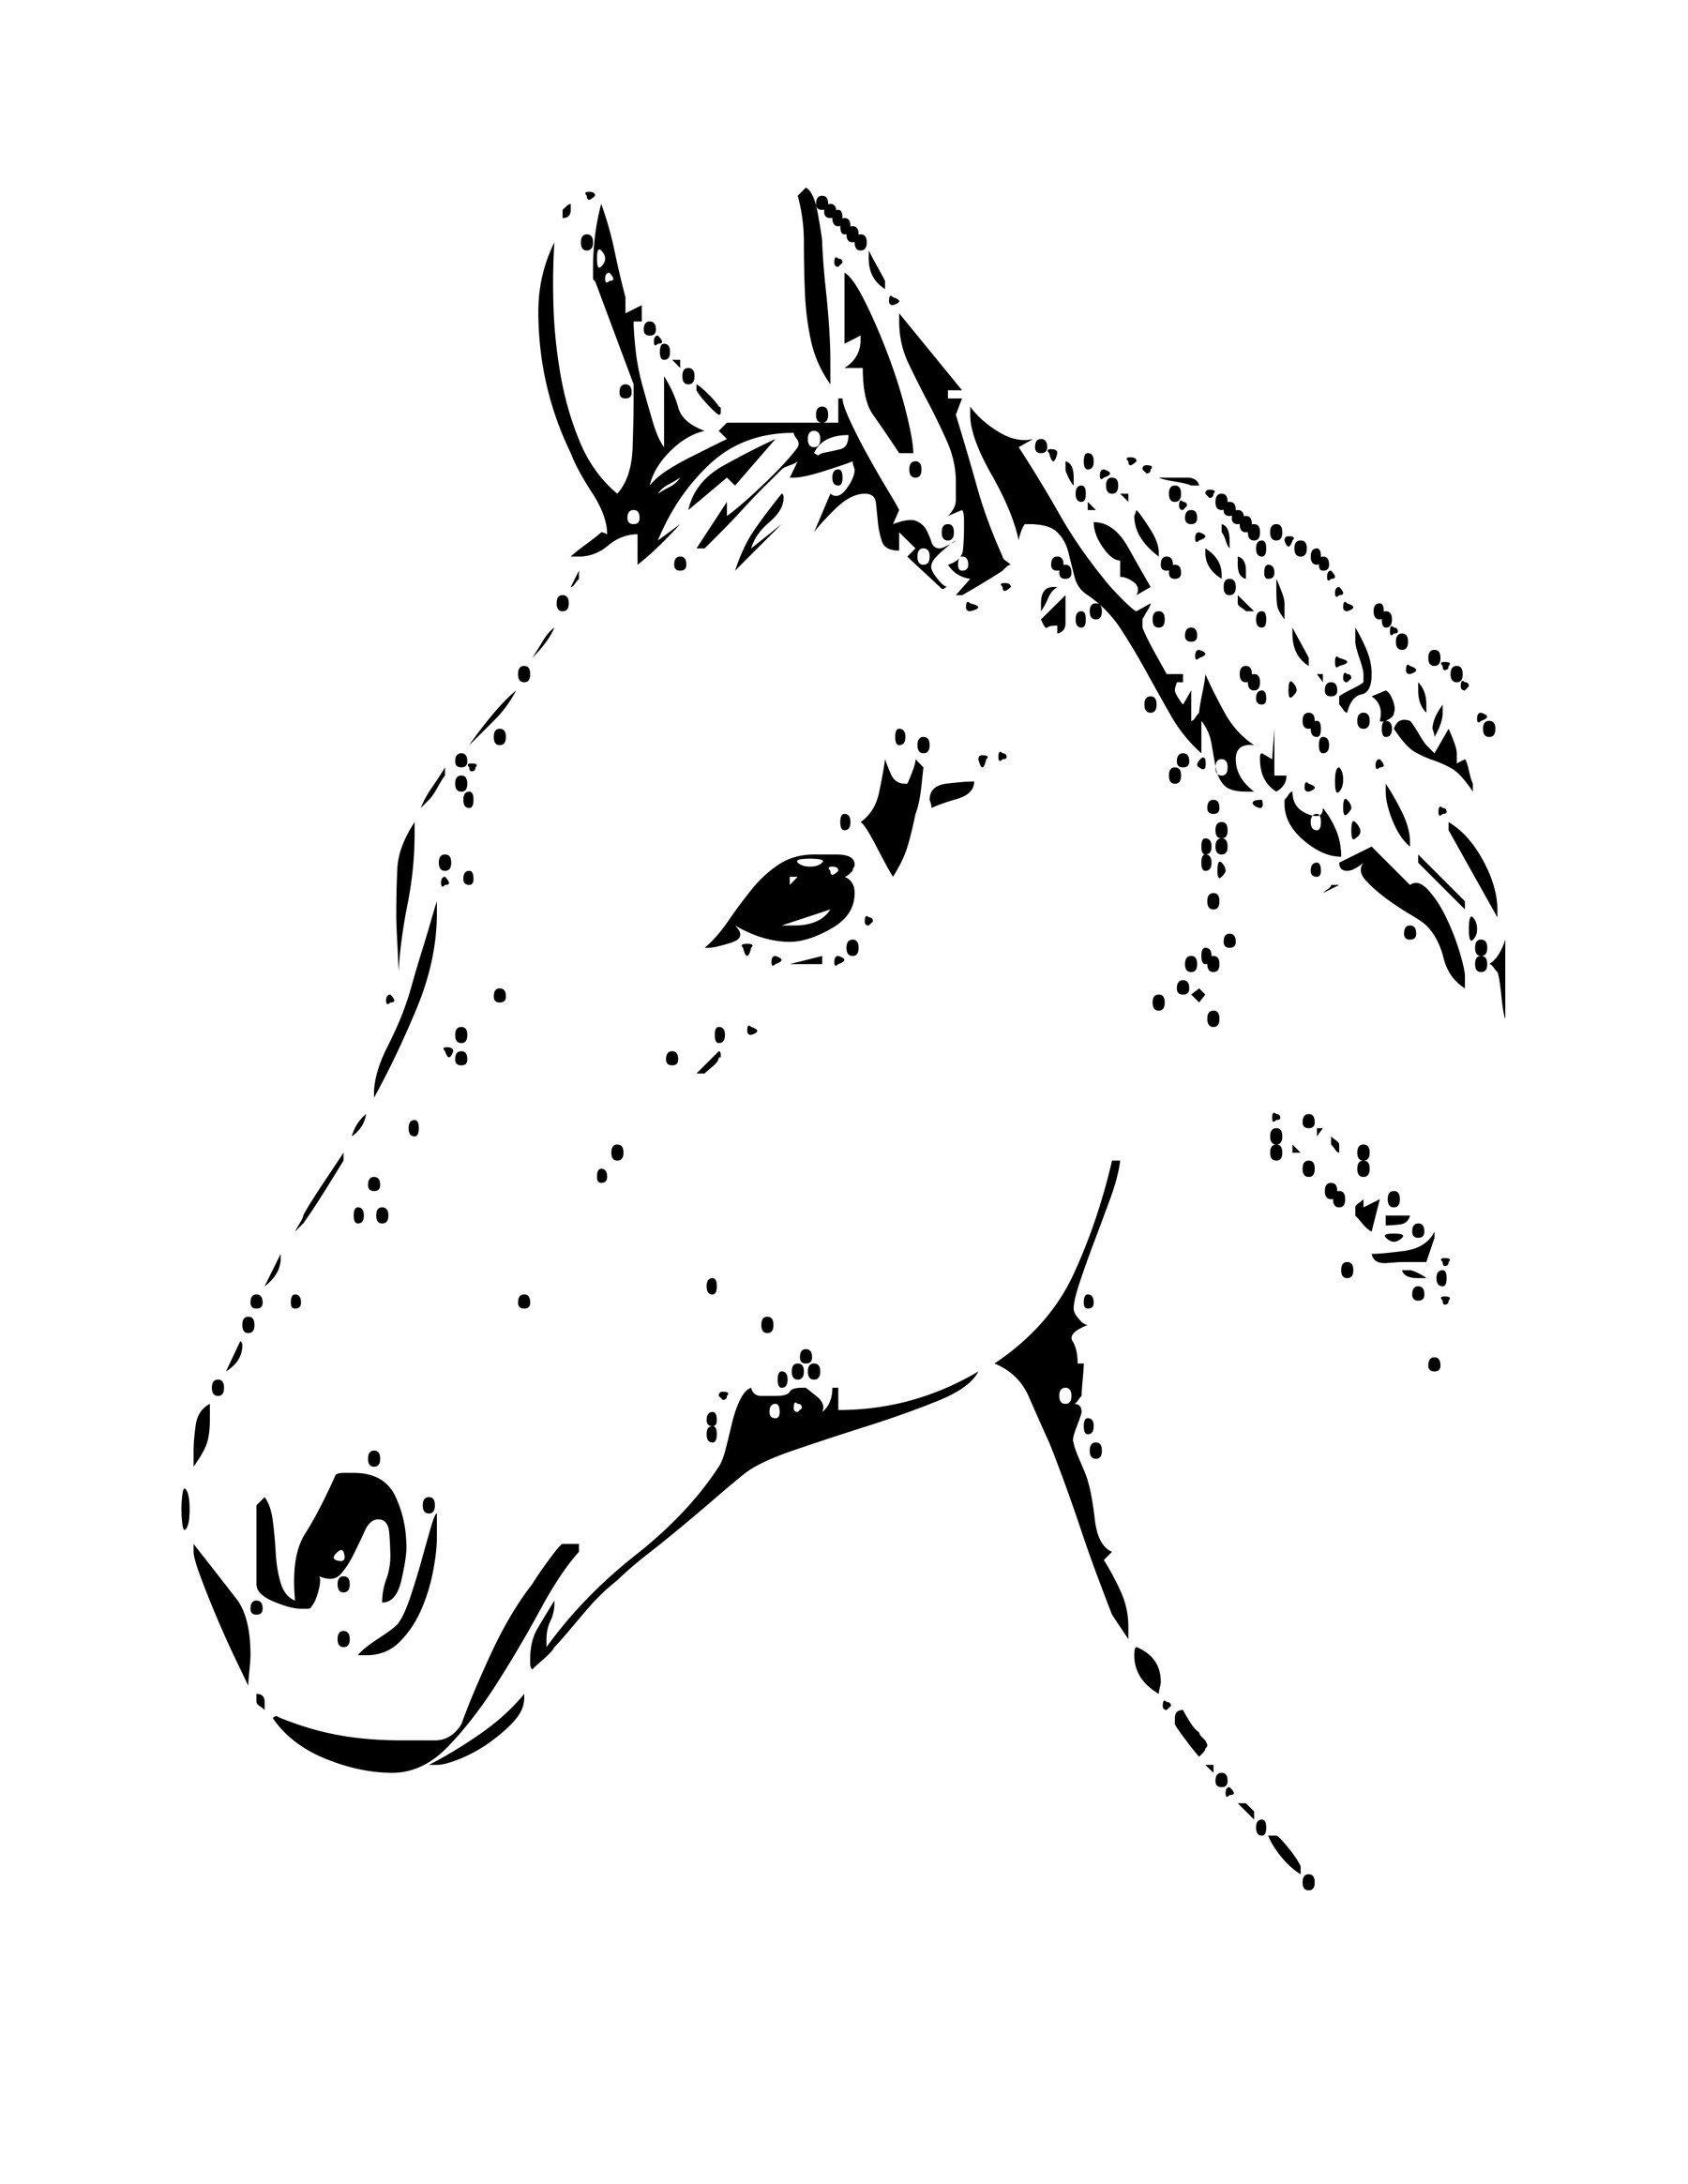 Лошадь - символ Нового года 2014 - Картинка для раскрашивания красками-гуашью